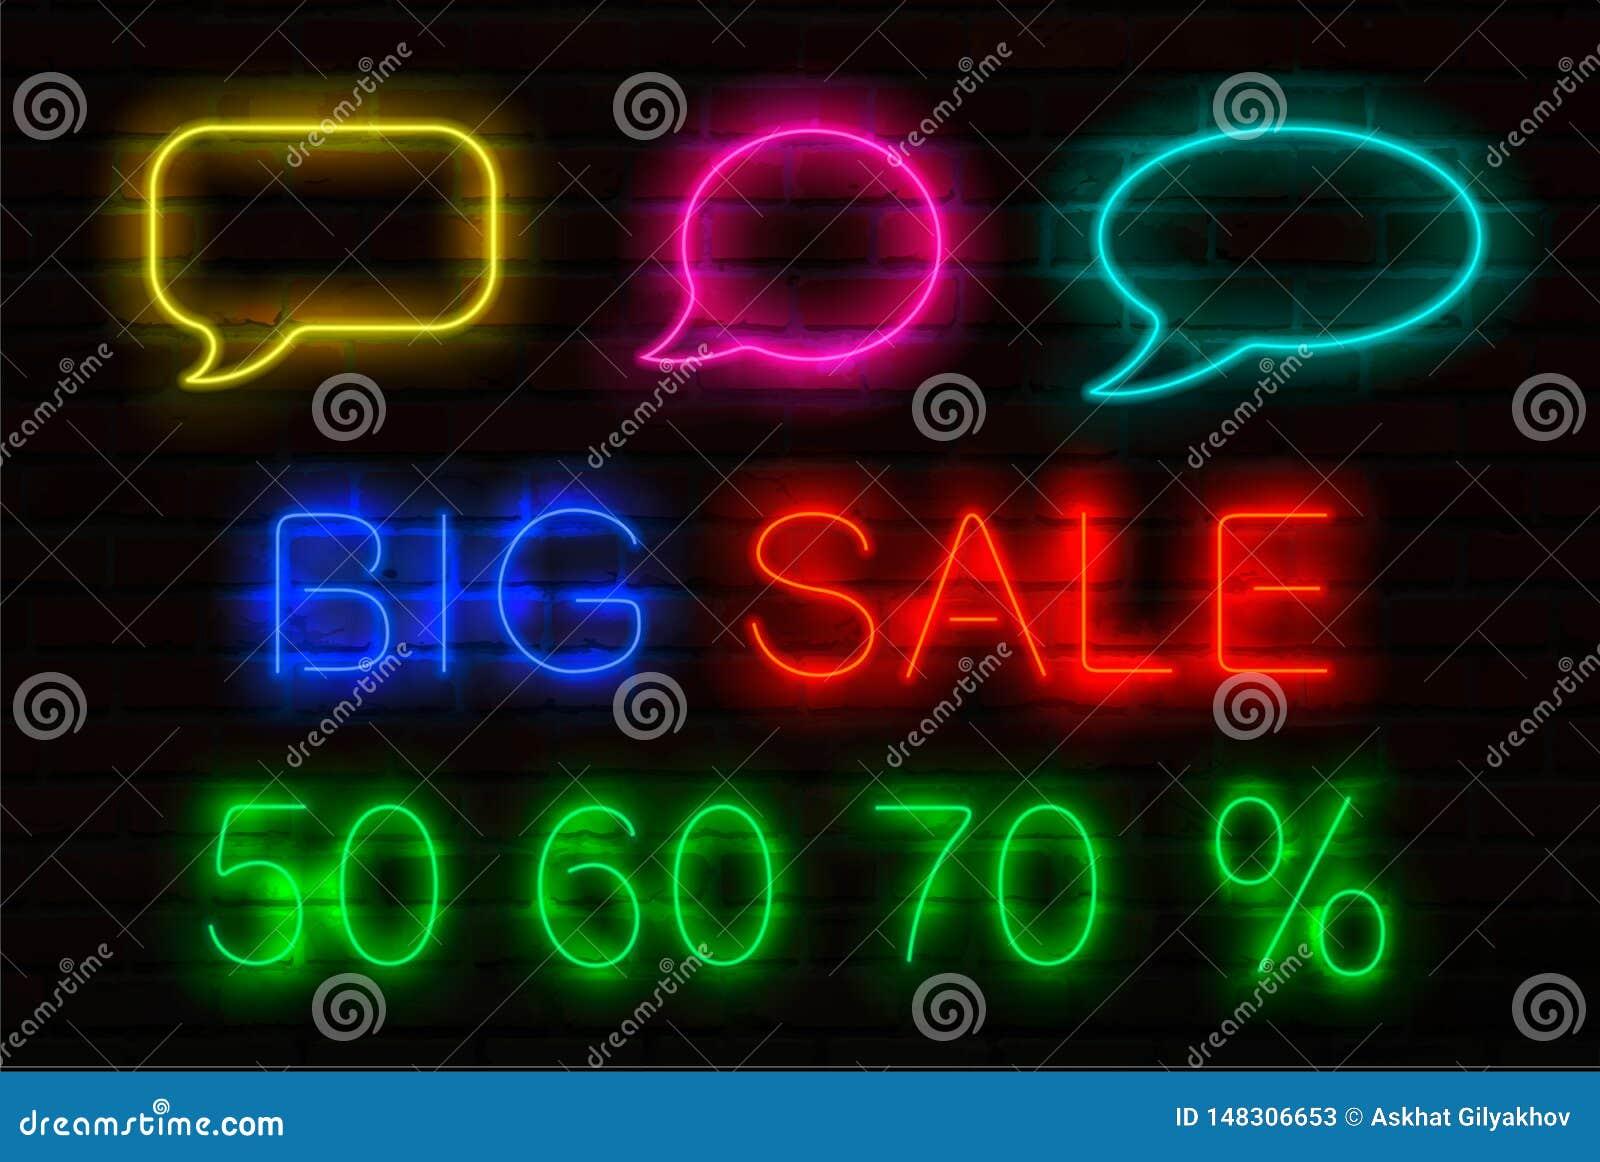 设置与光亮的霓虹灯广告待售 讲话泡影,标题大销售和50,60,70 销售